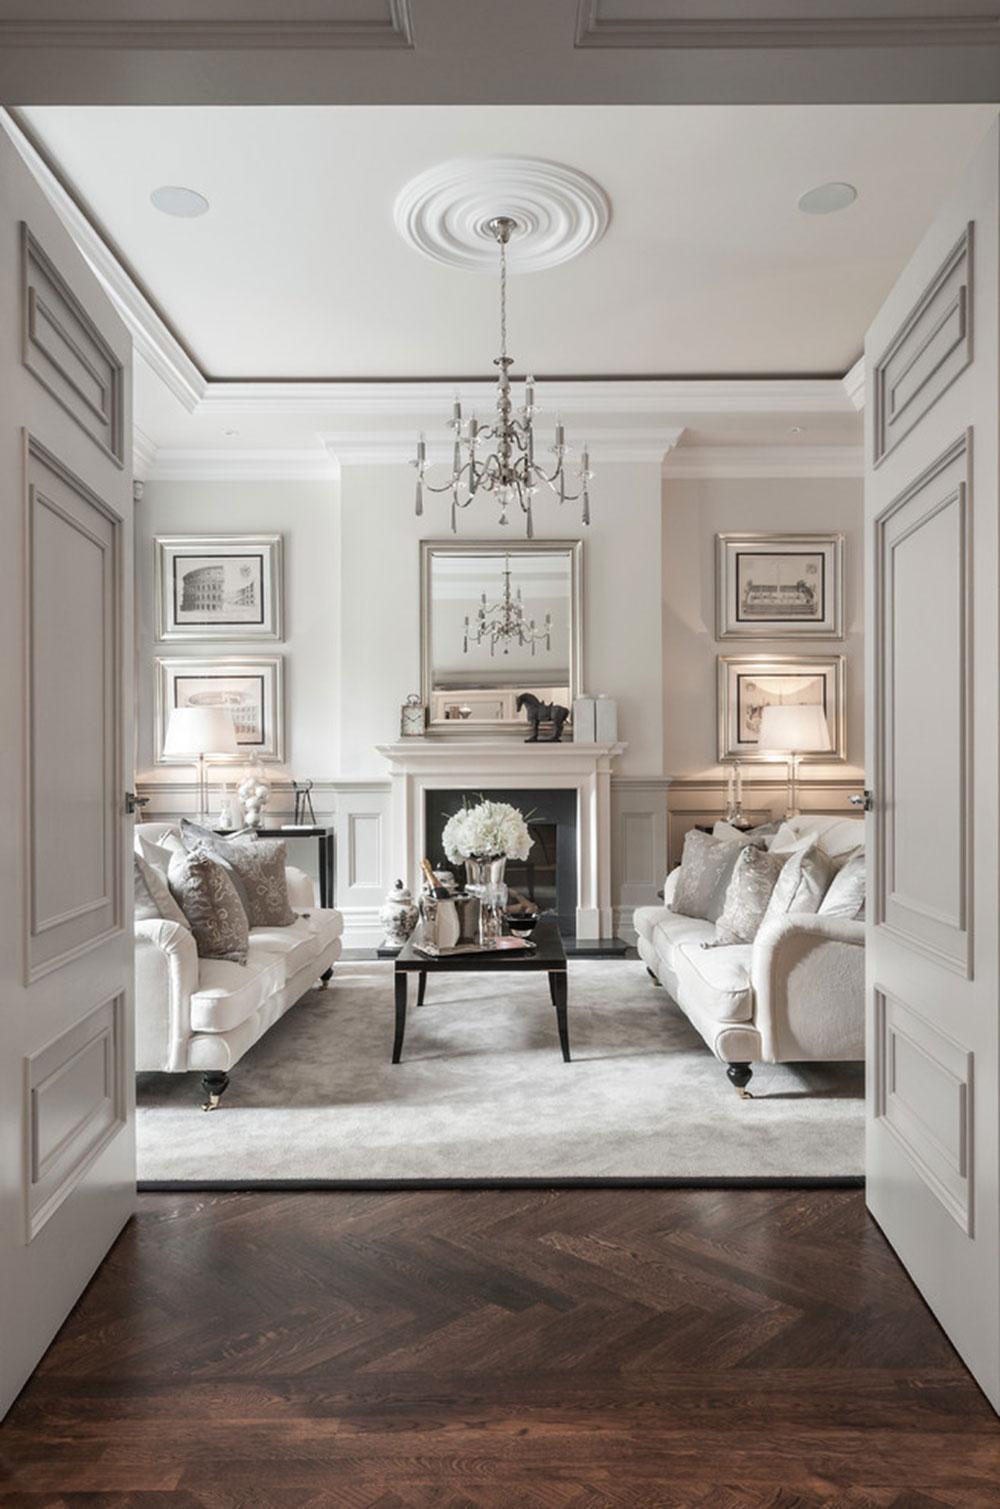 Att designa en tidlös interiör hjälper dig att spara tid och pengar3 Att designa en tidlös interiör hjälper dig att spara tid och pengar